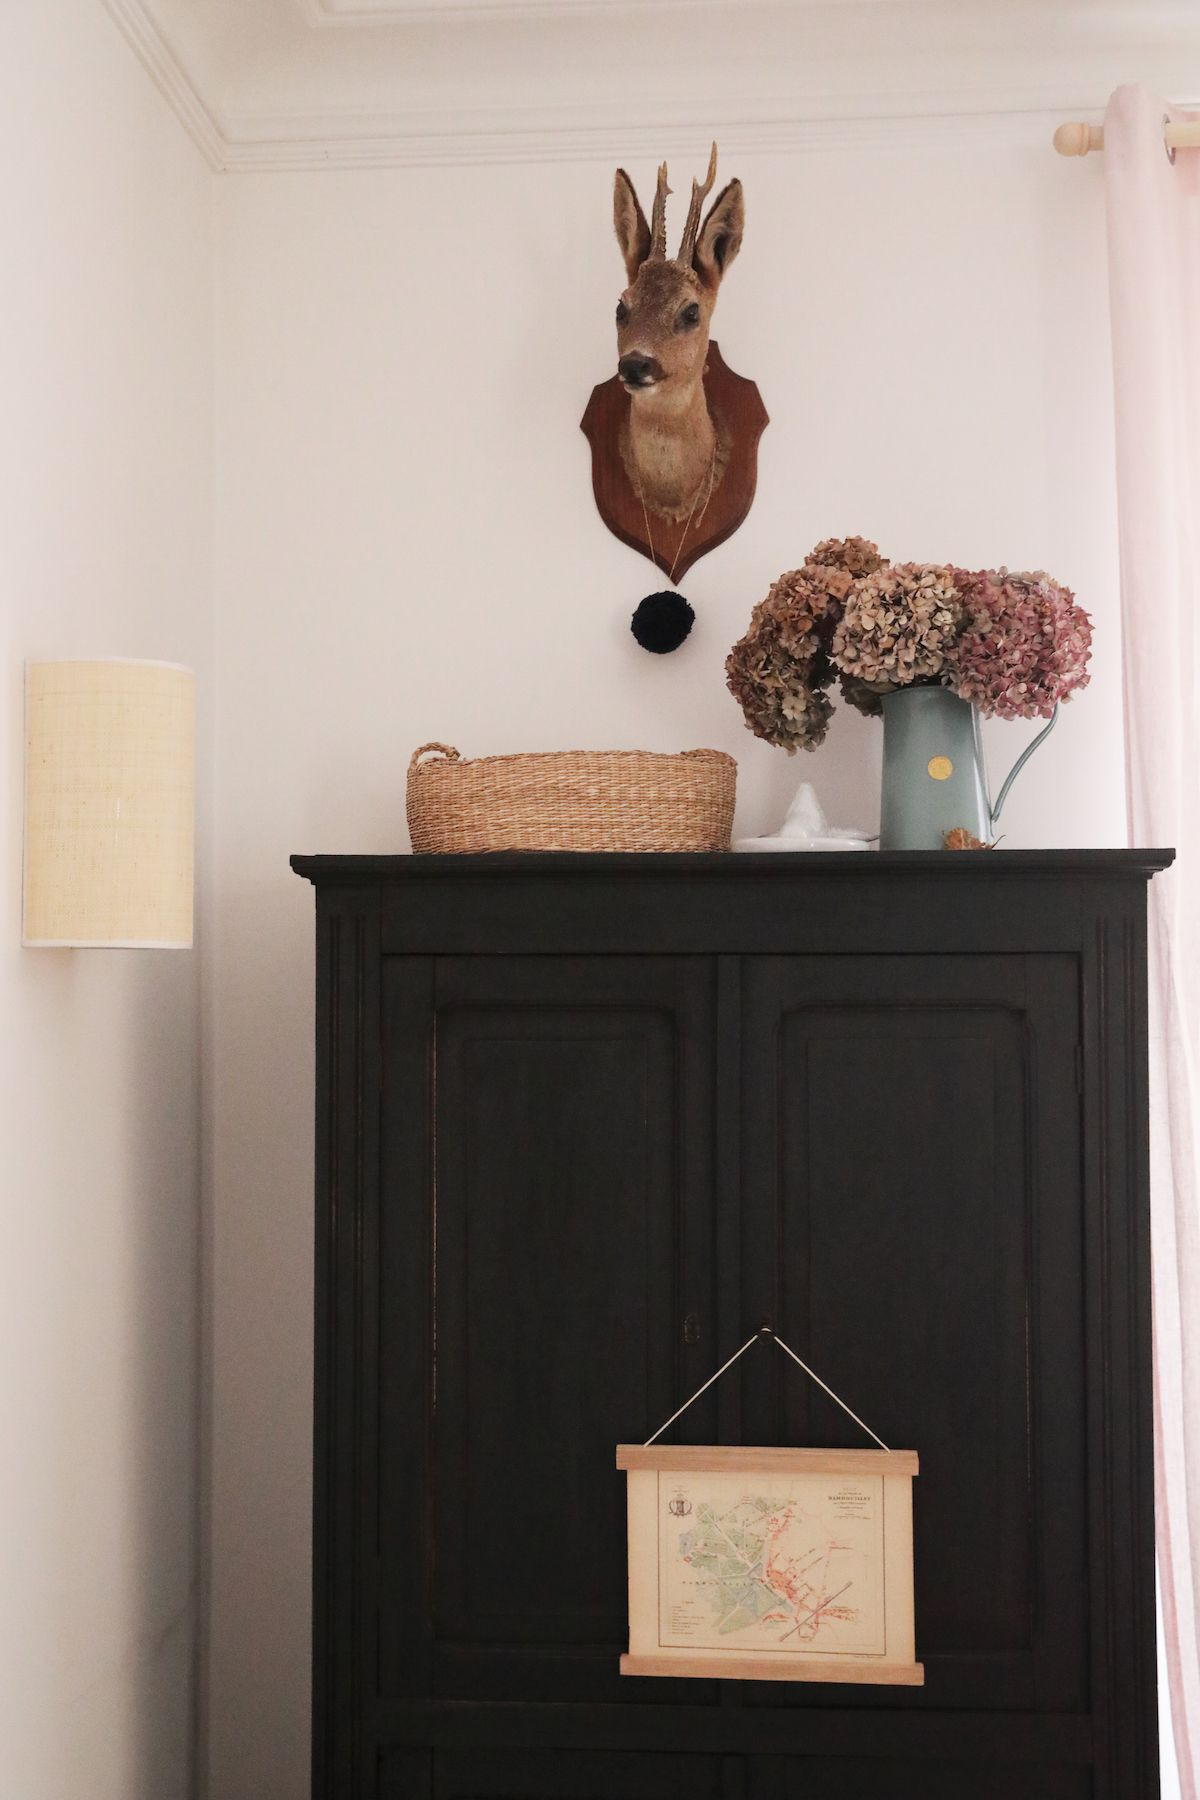 Bienvenue Dans La Maison Facon Cottage Anglais De Mai Creatrice De Marceline Hello Blogzine Decoration Interieure Anglaise Cottage Anglais Deco Vintage